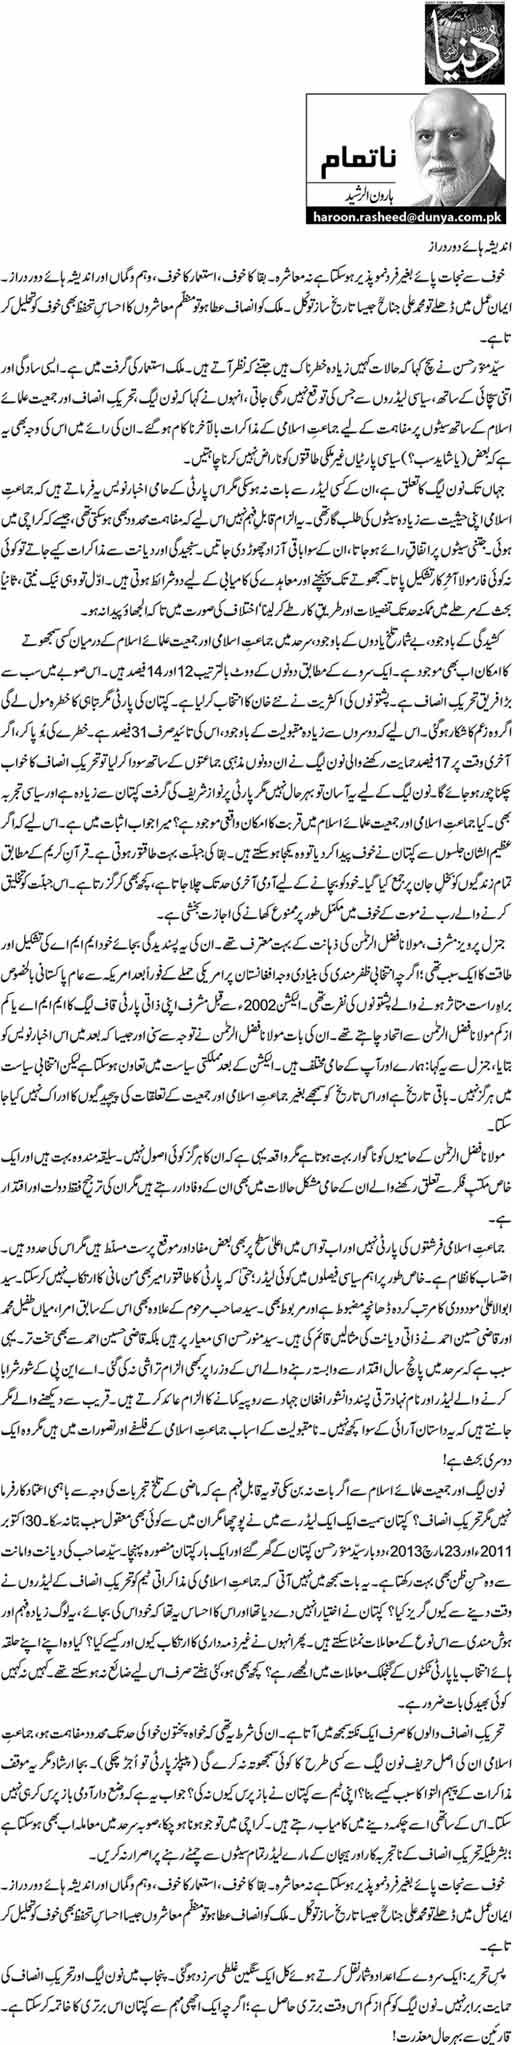 Andaisha Haye Door Daraz - Haroon-ur-RasheedAndaisha Haye Door Daraz - Haroon-ur-Rasheed